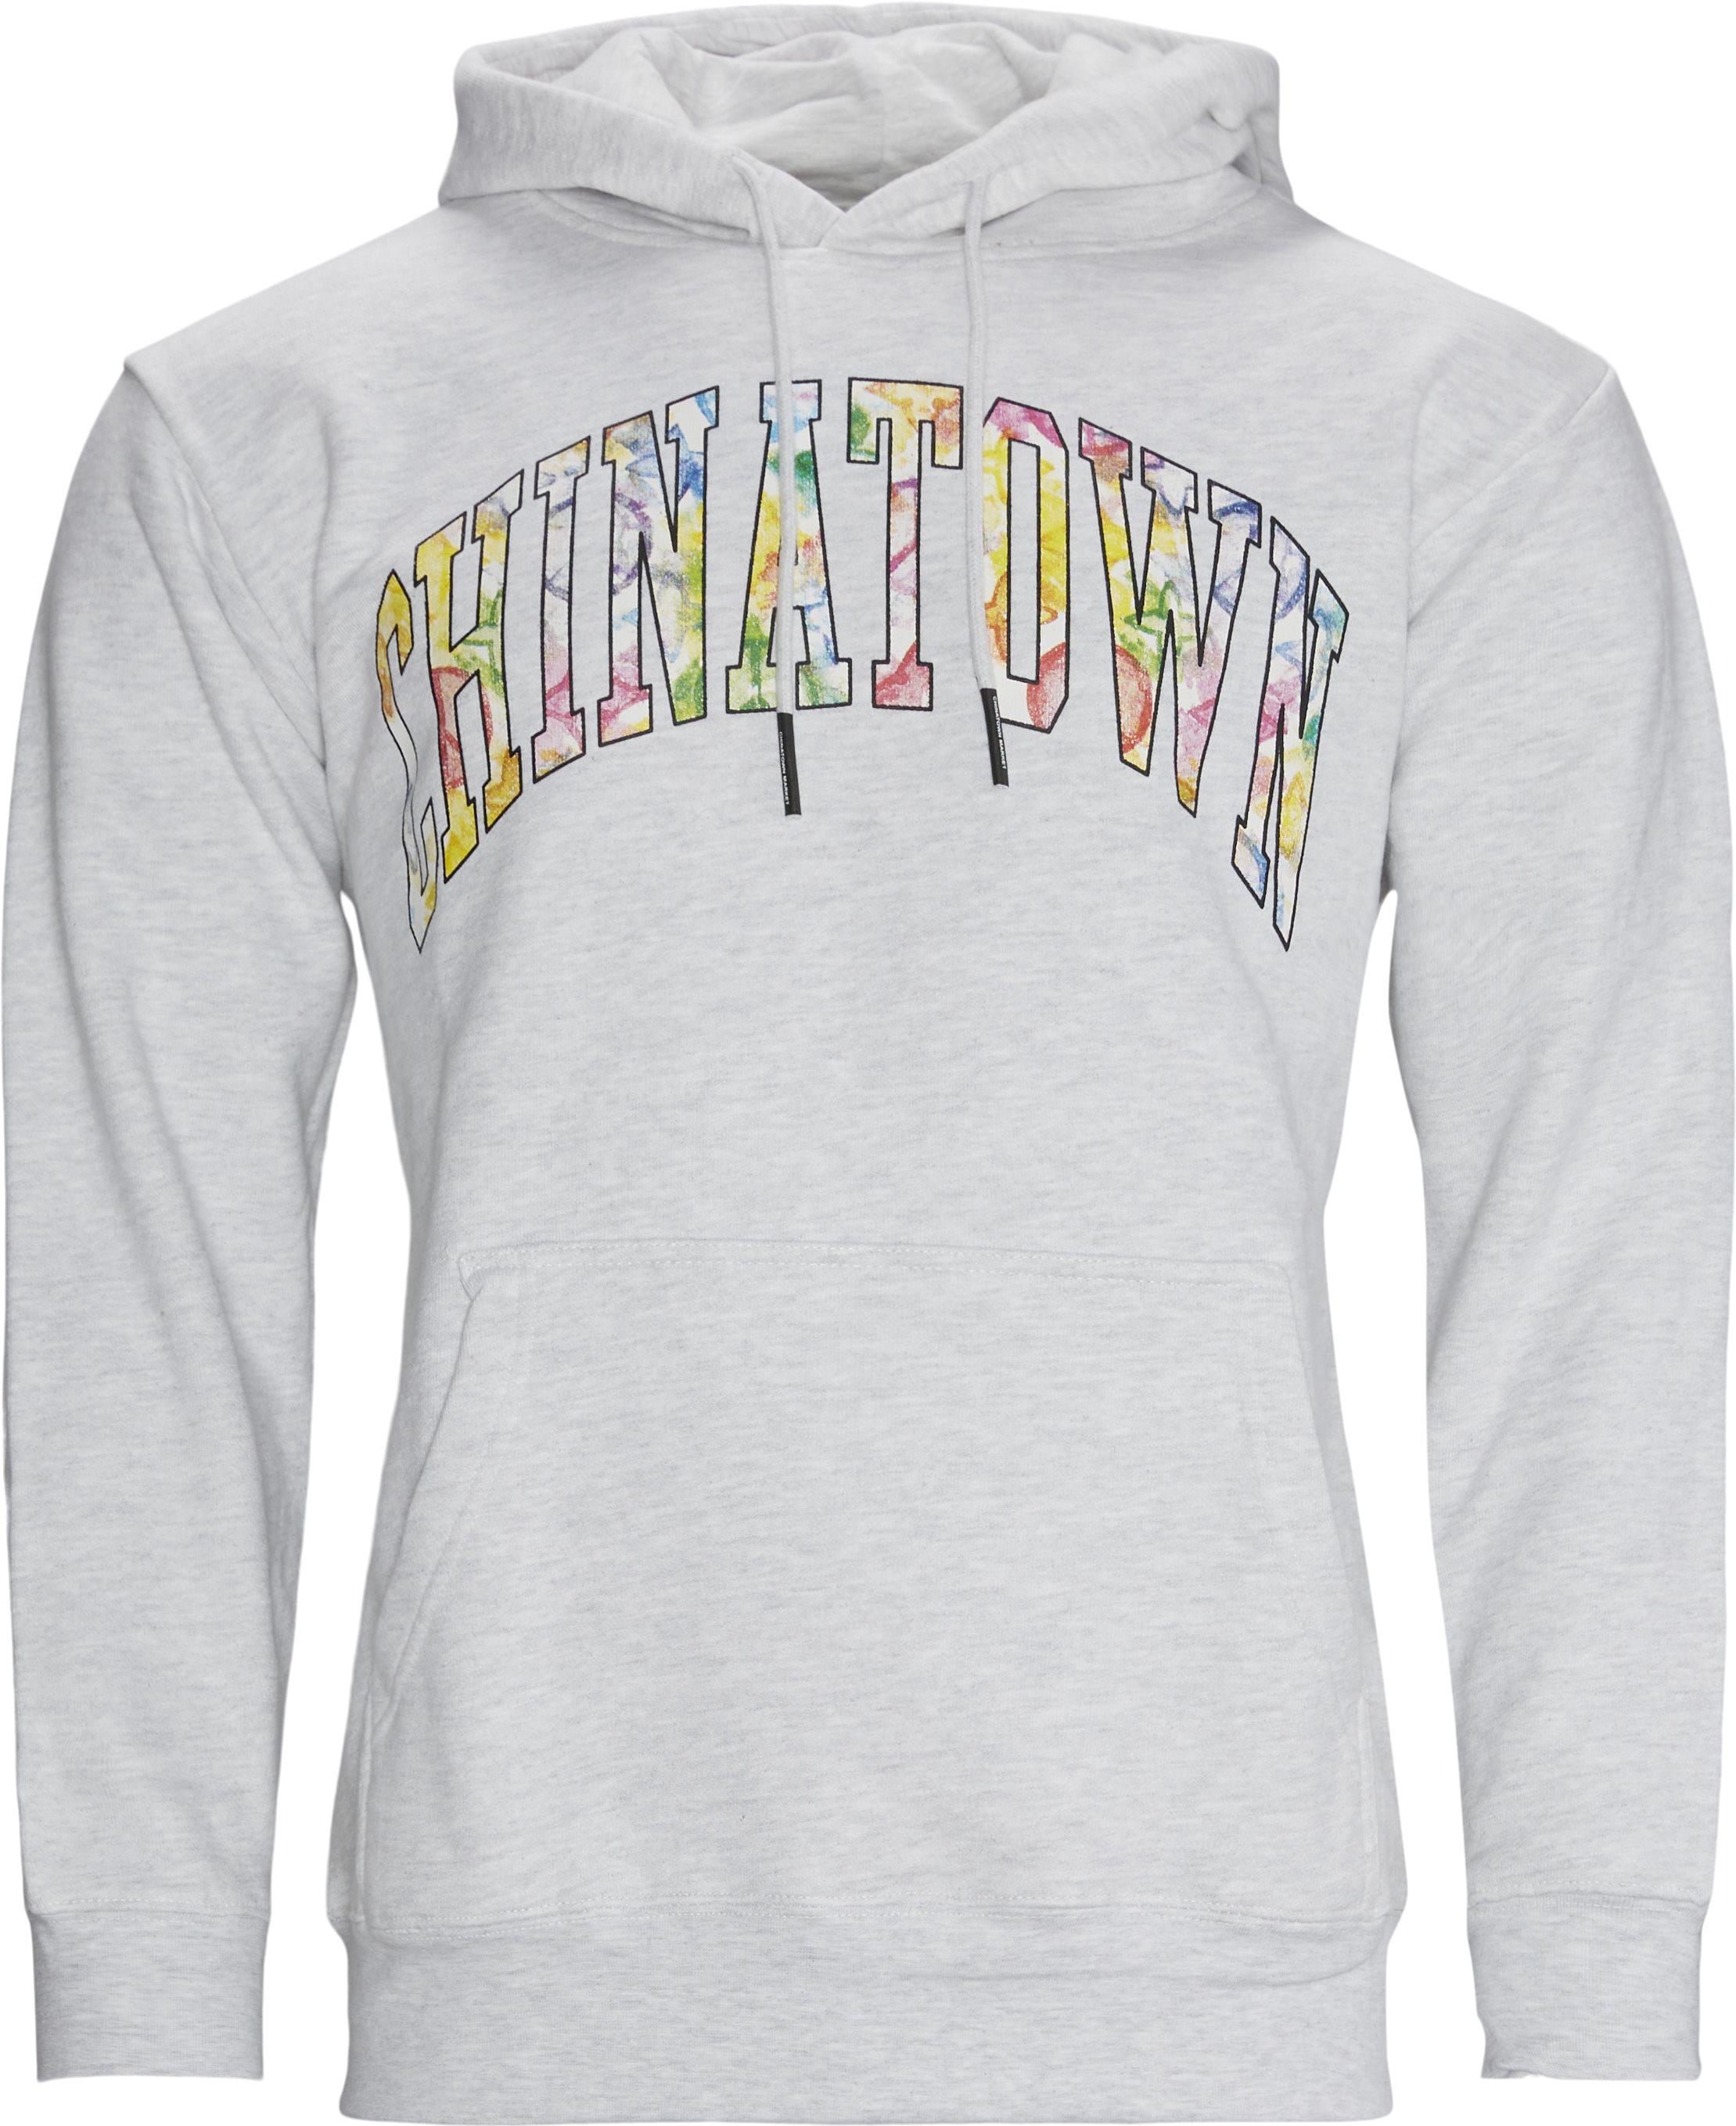 Watercolor Sweat - Sweatshirts - Regular fit - Grå